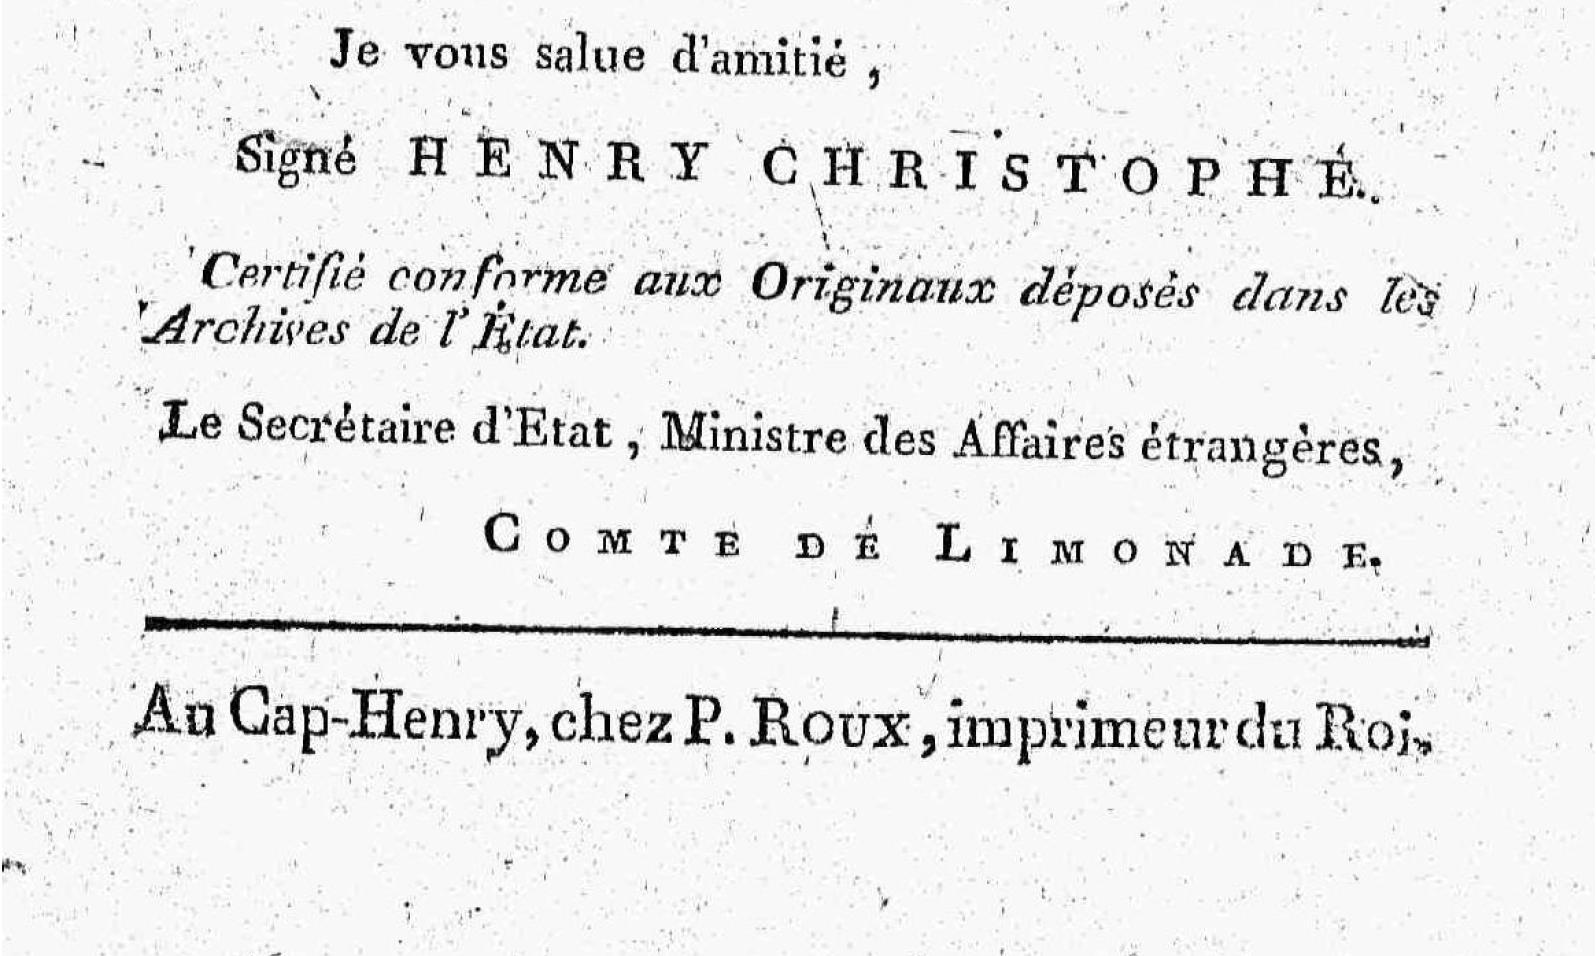 """Publication info from the back matter of Christophe's """"Manifeste du Roi"""" (1814)"""